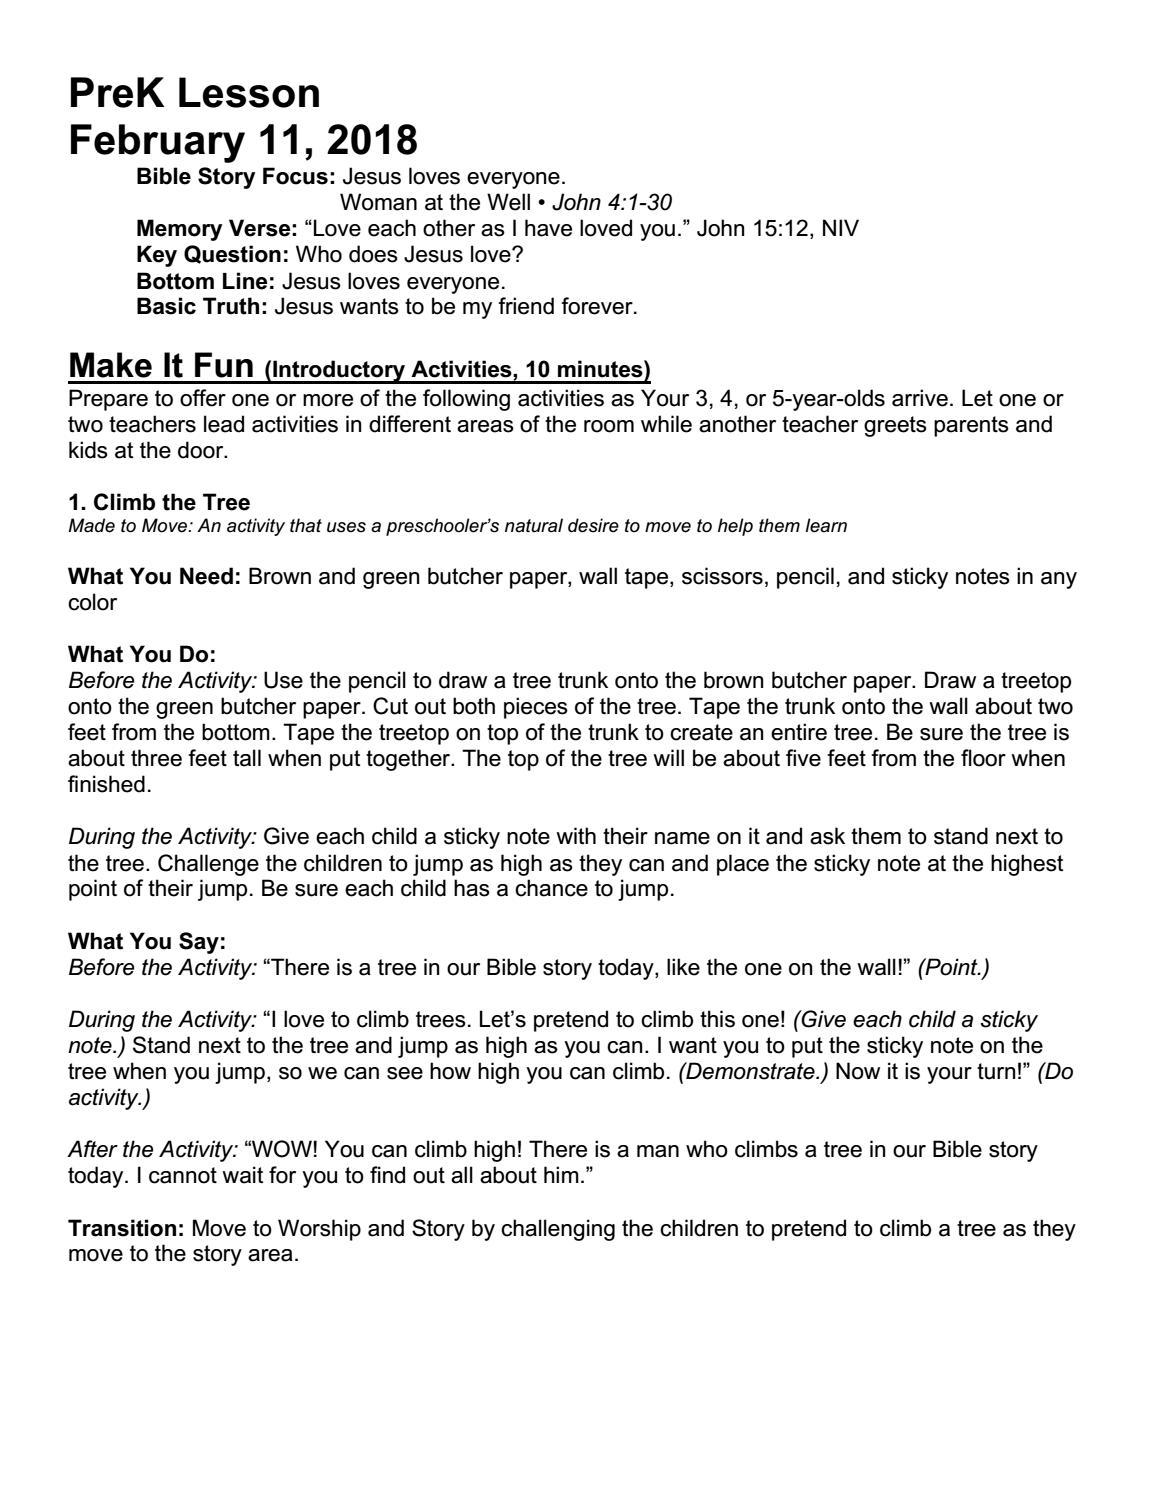 Flprekfebwk2 pdf by bhagya123 - issuu